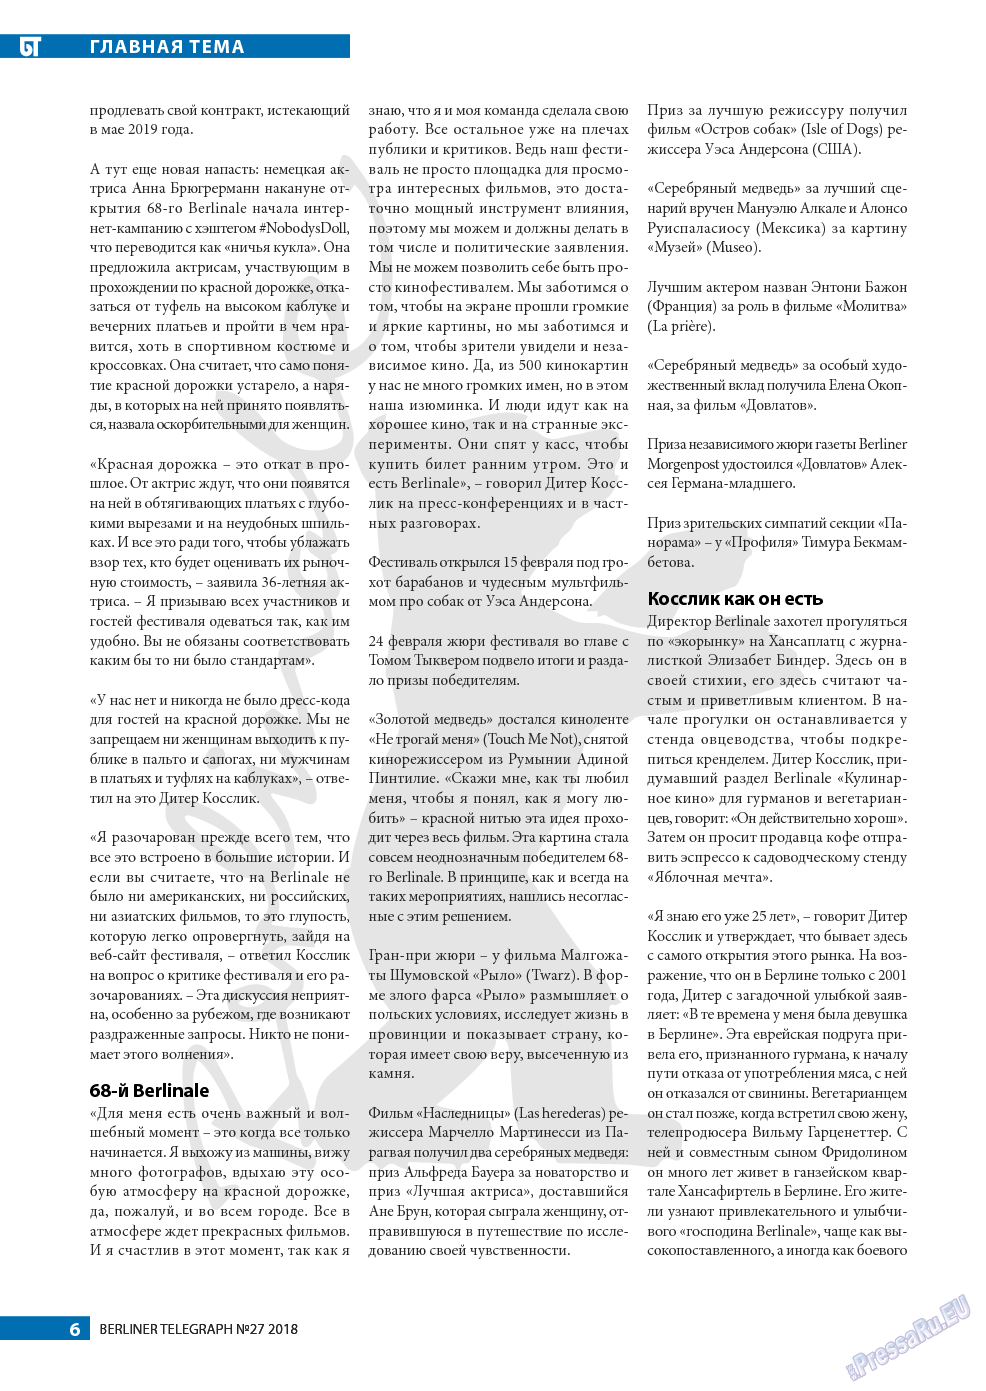 Берлинский телеграф (журнал). 2018 год, номер 27, стр. 6